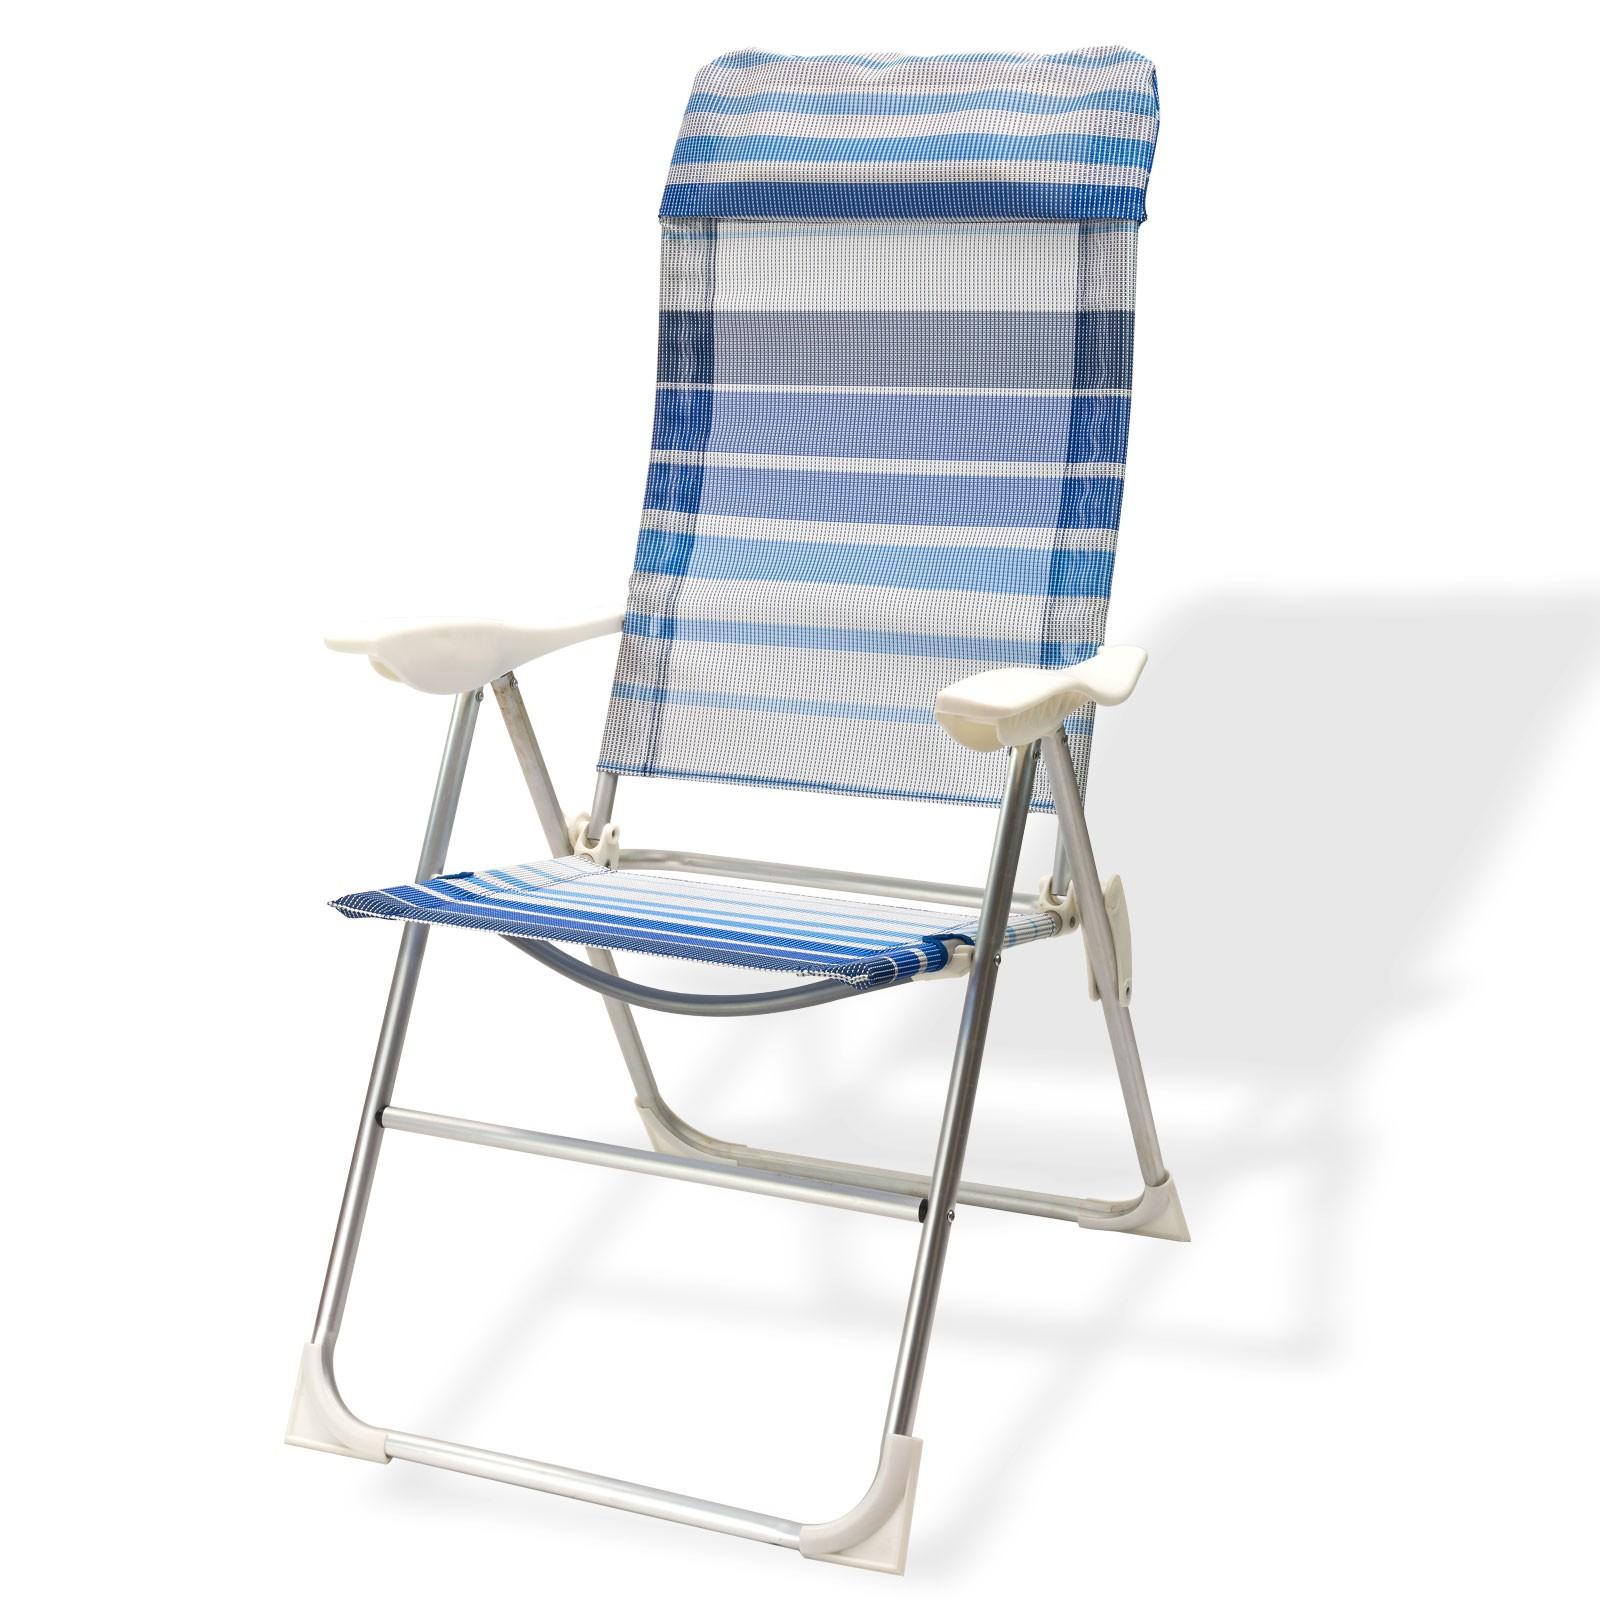 alu campingstuhl garten klappstuhl faltstuhl klappbar. Black Bedroom Furniture Sets. Home Design Ideas